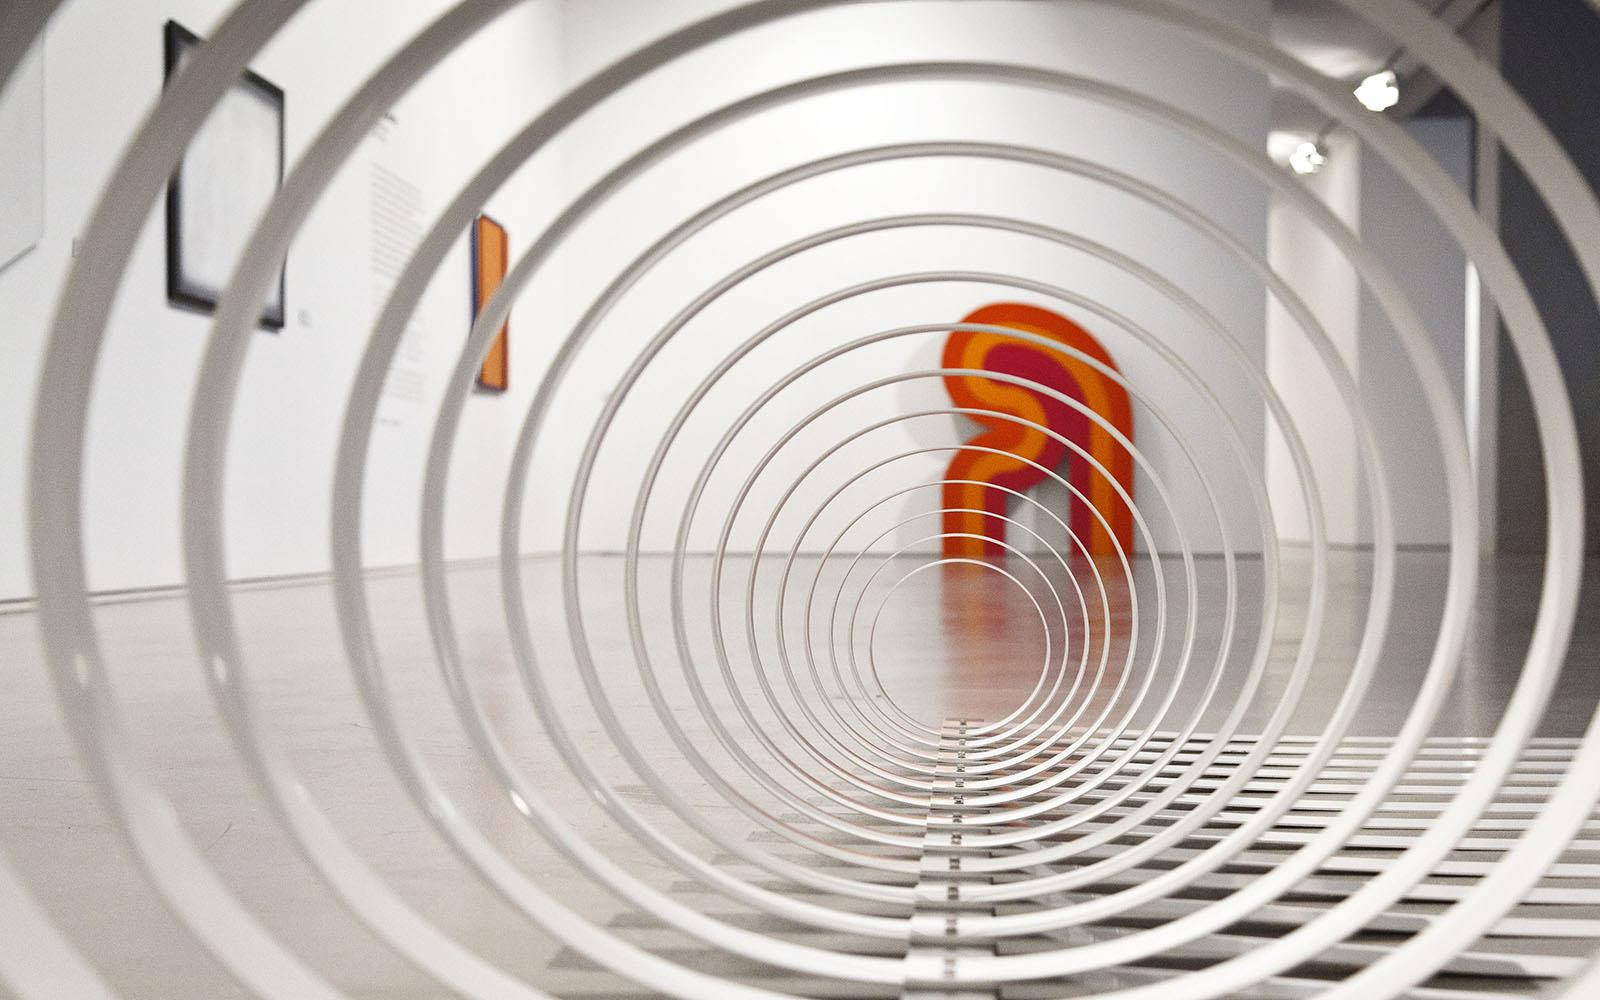 Mostra da Coleção do CAM, 2012-2013